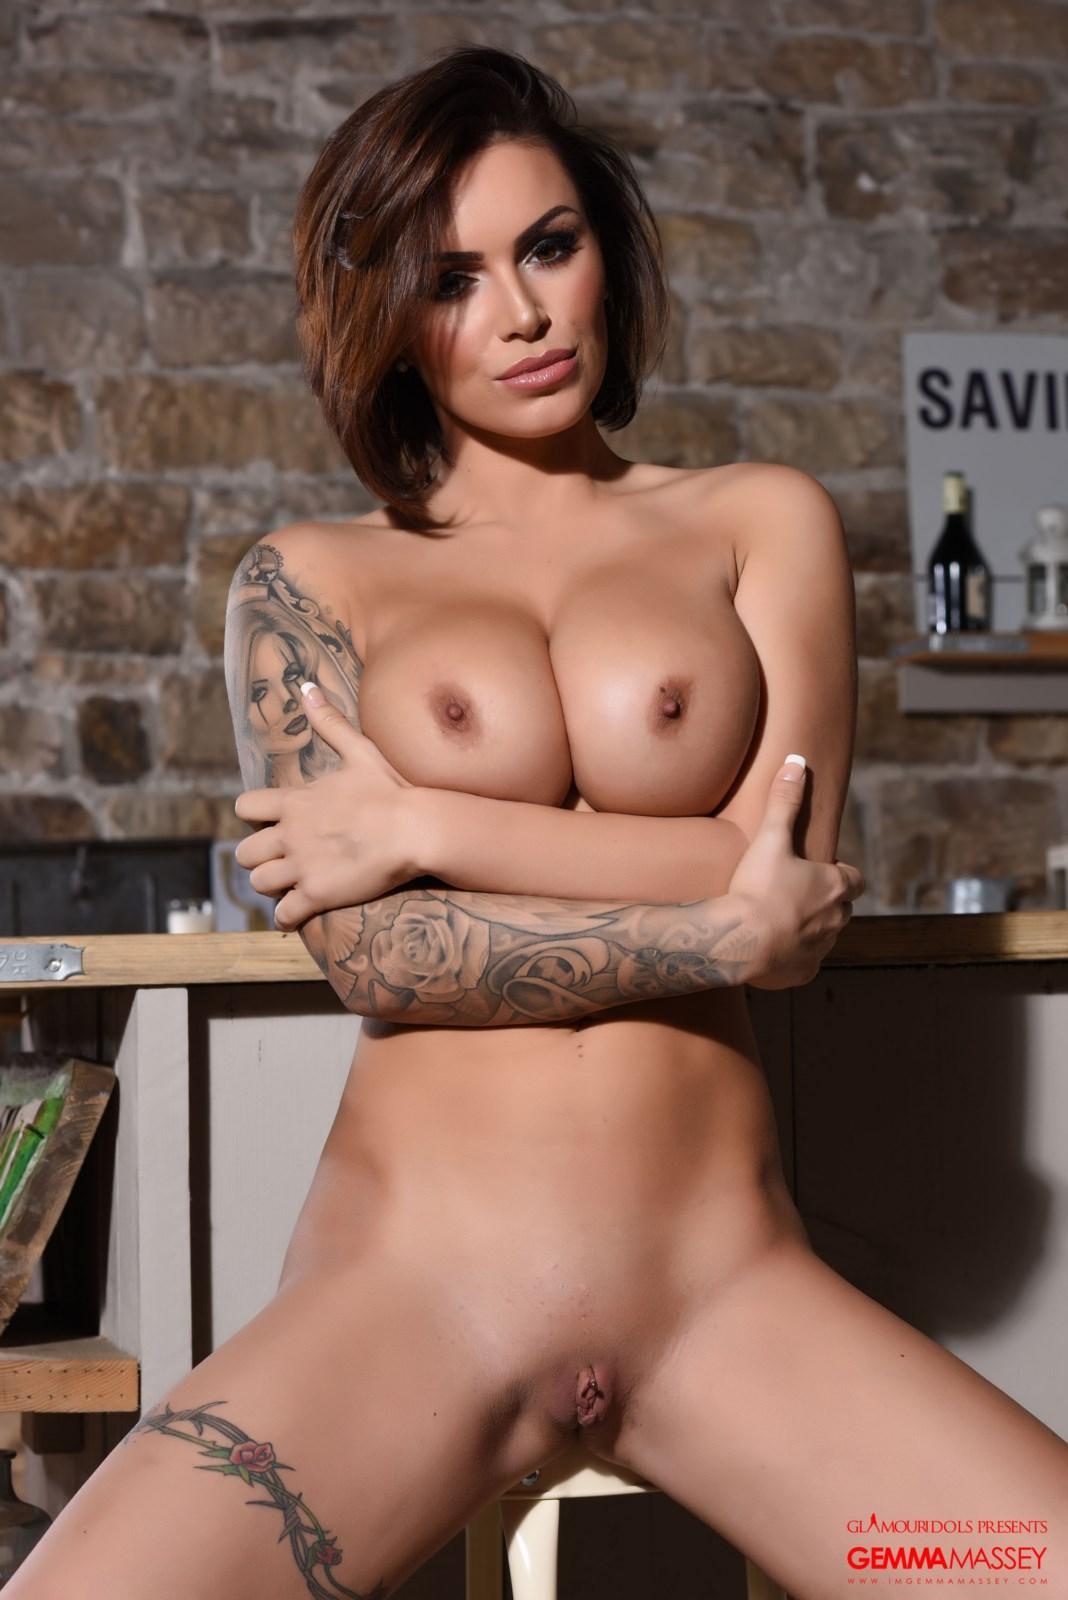 Gemma massey nude photos